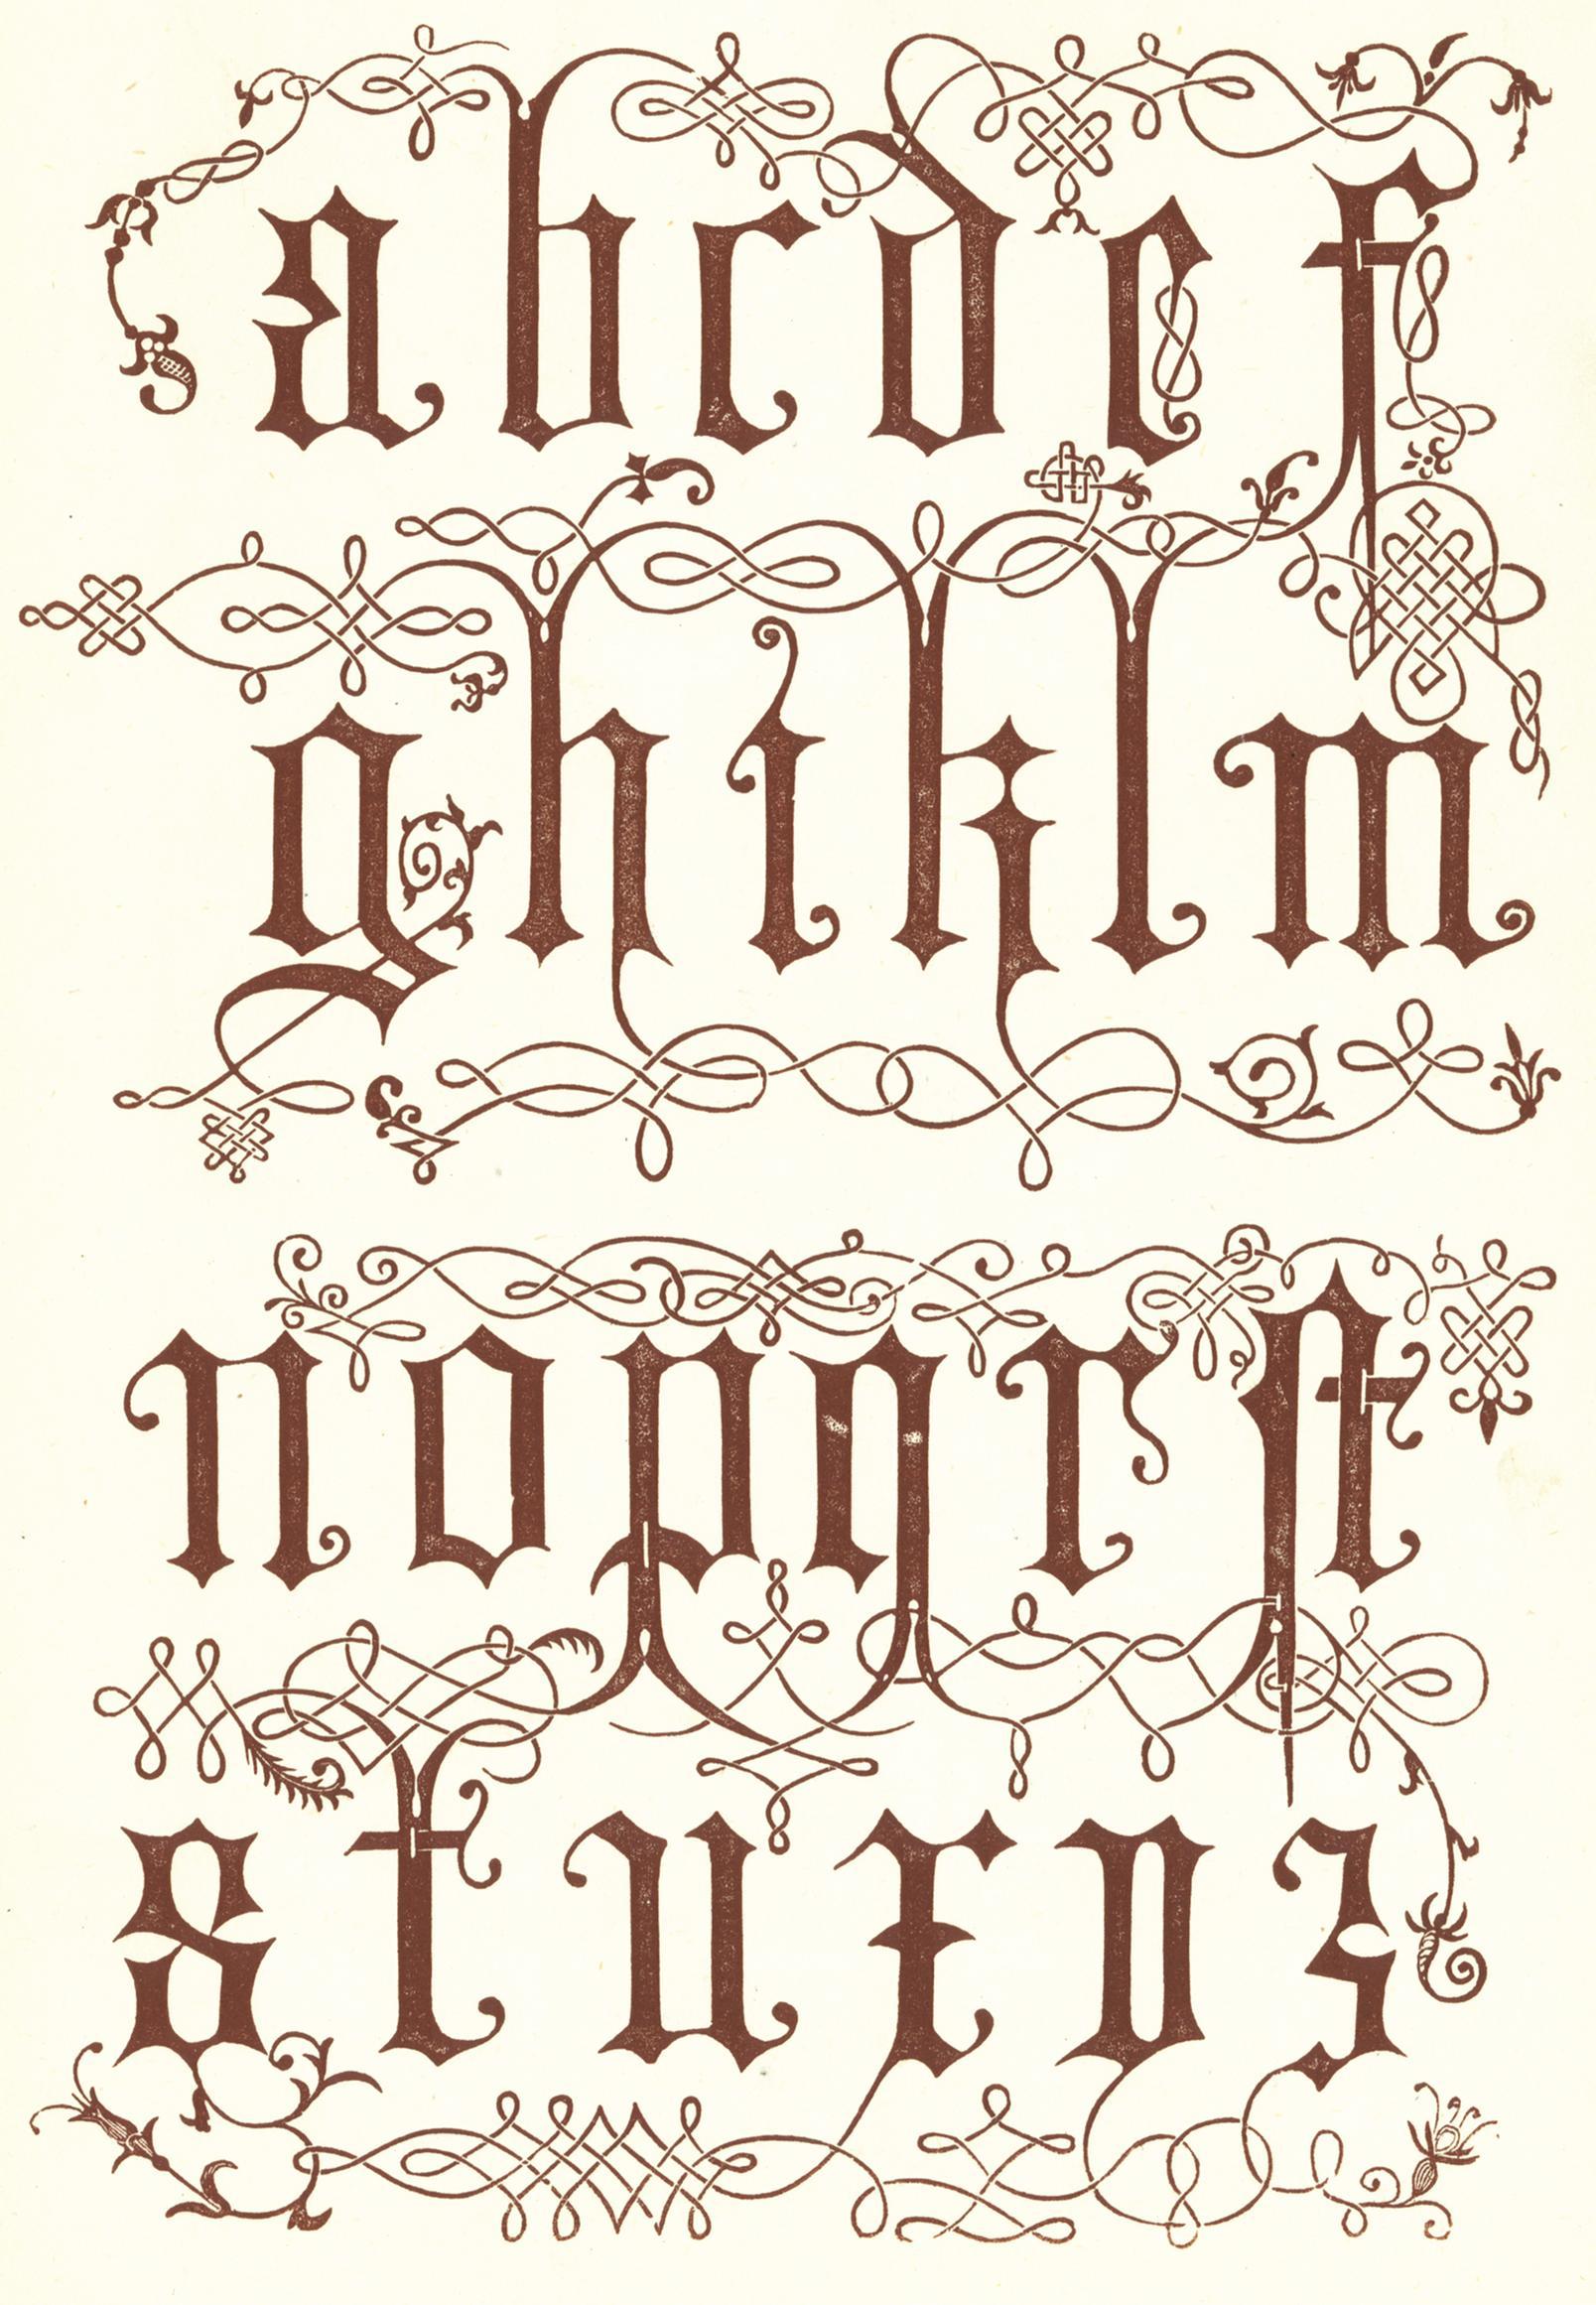 Tipos De Letras Cursivas - es.pinterest.com